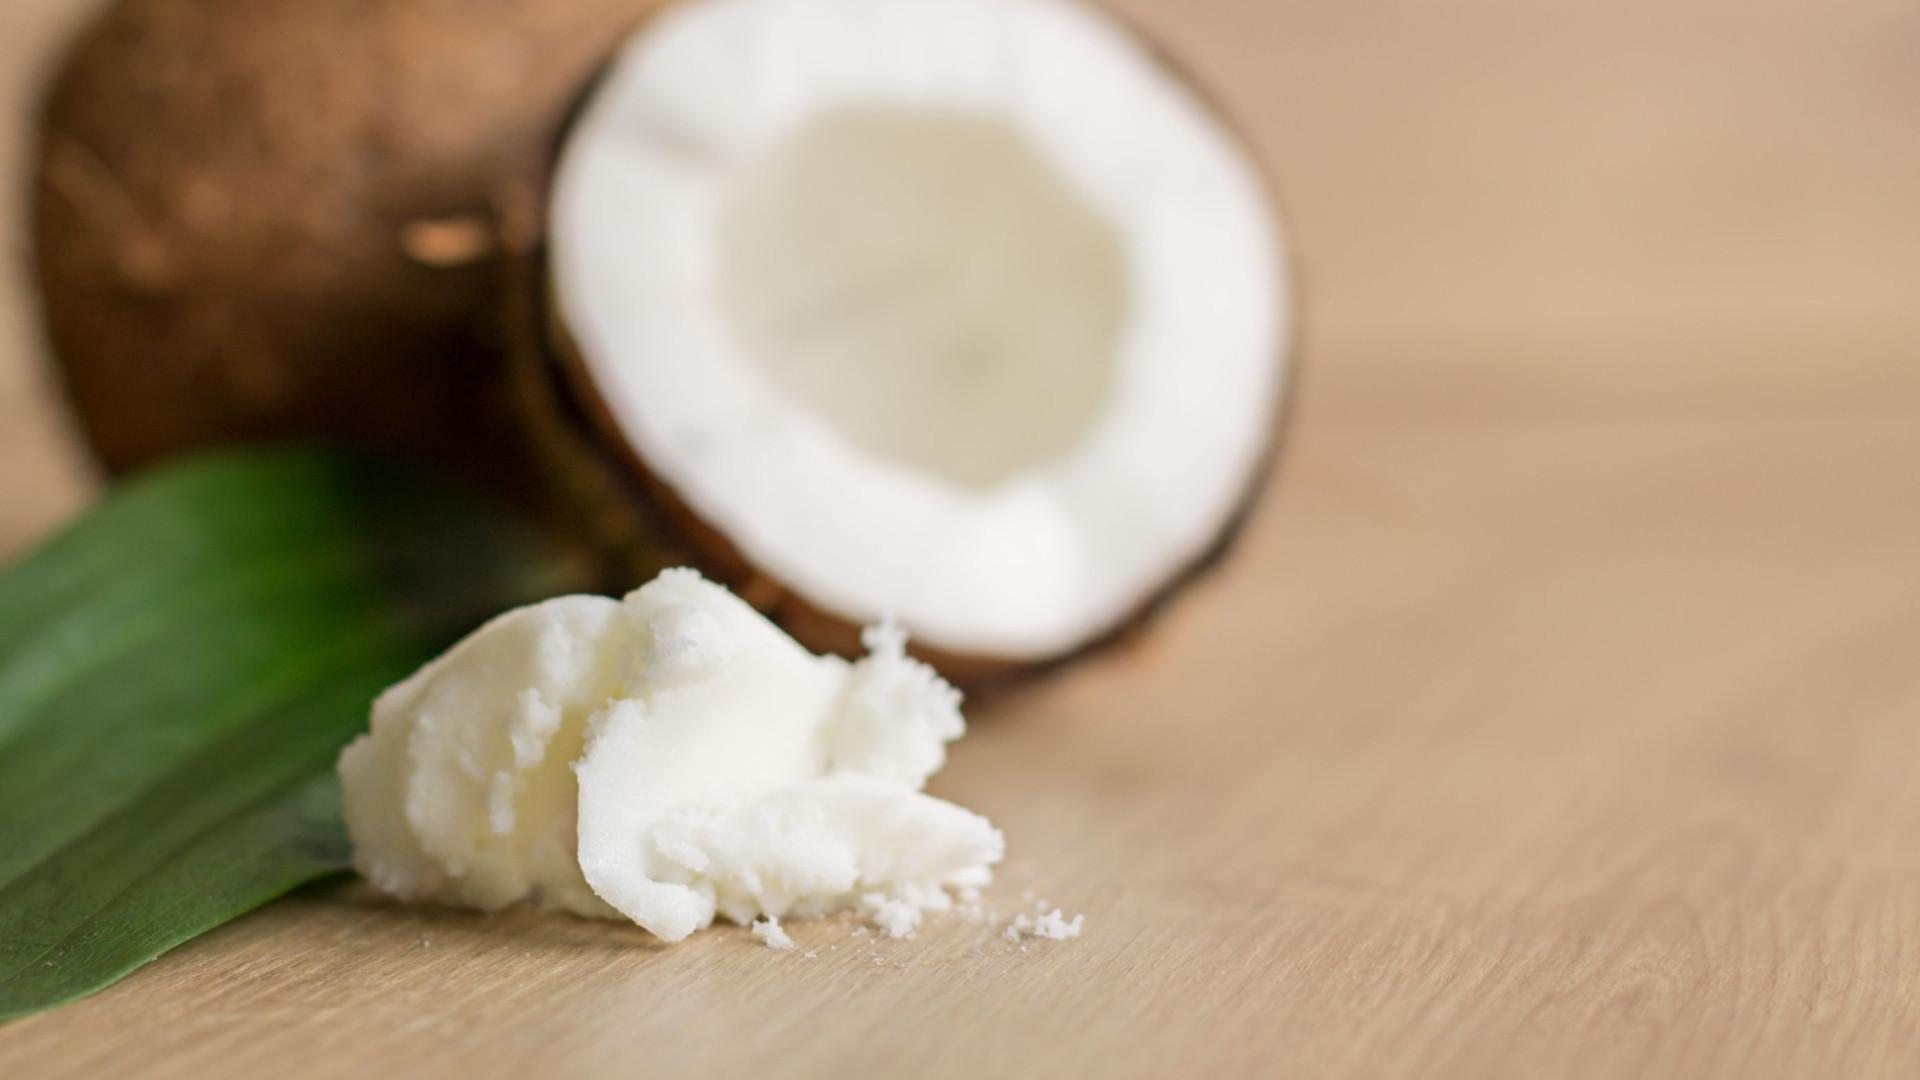 Afinal, o óleo de coco faz mal? Investigador de Harvard não tem dúvidas